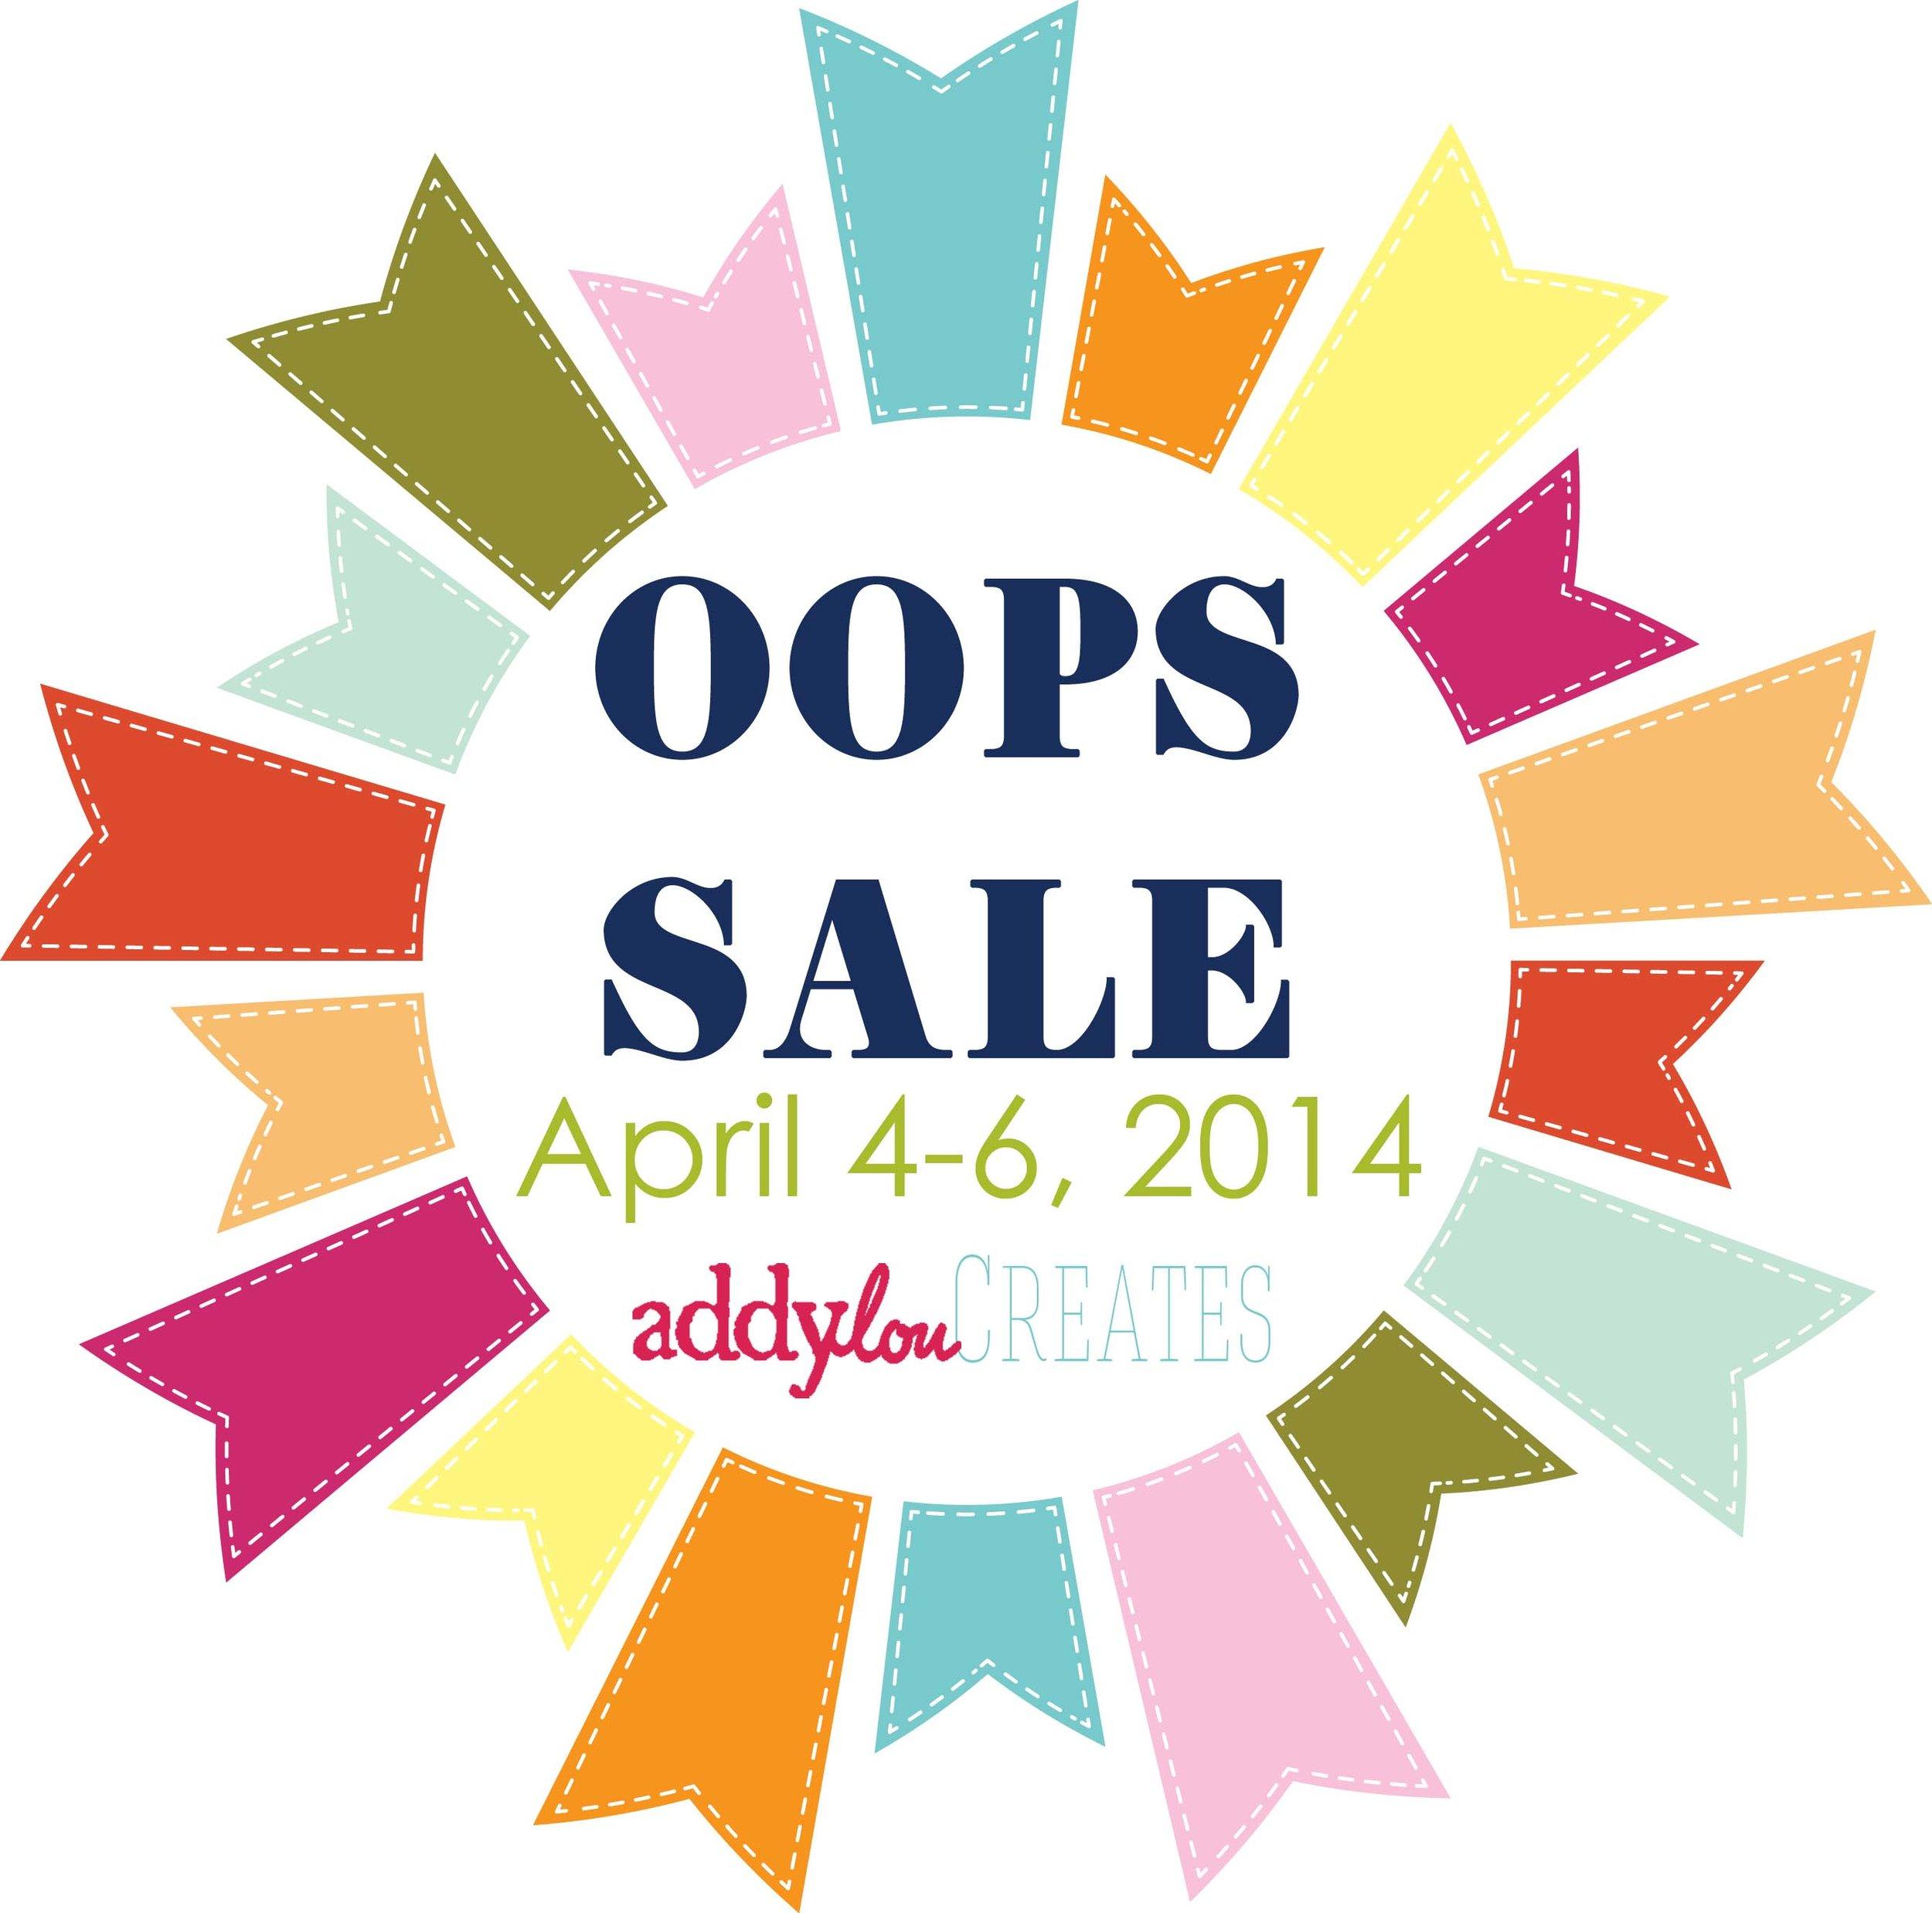 oops sale